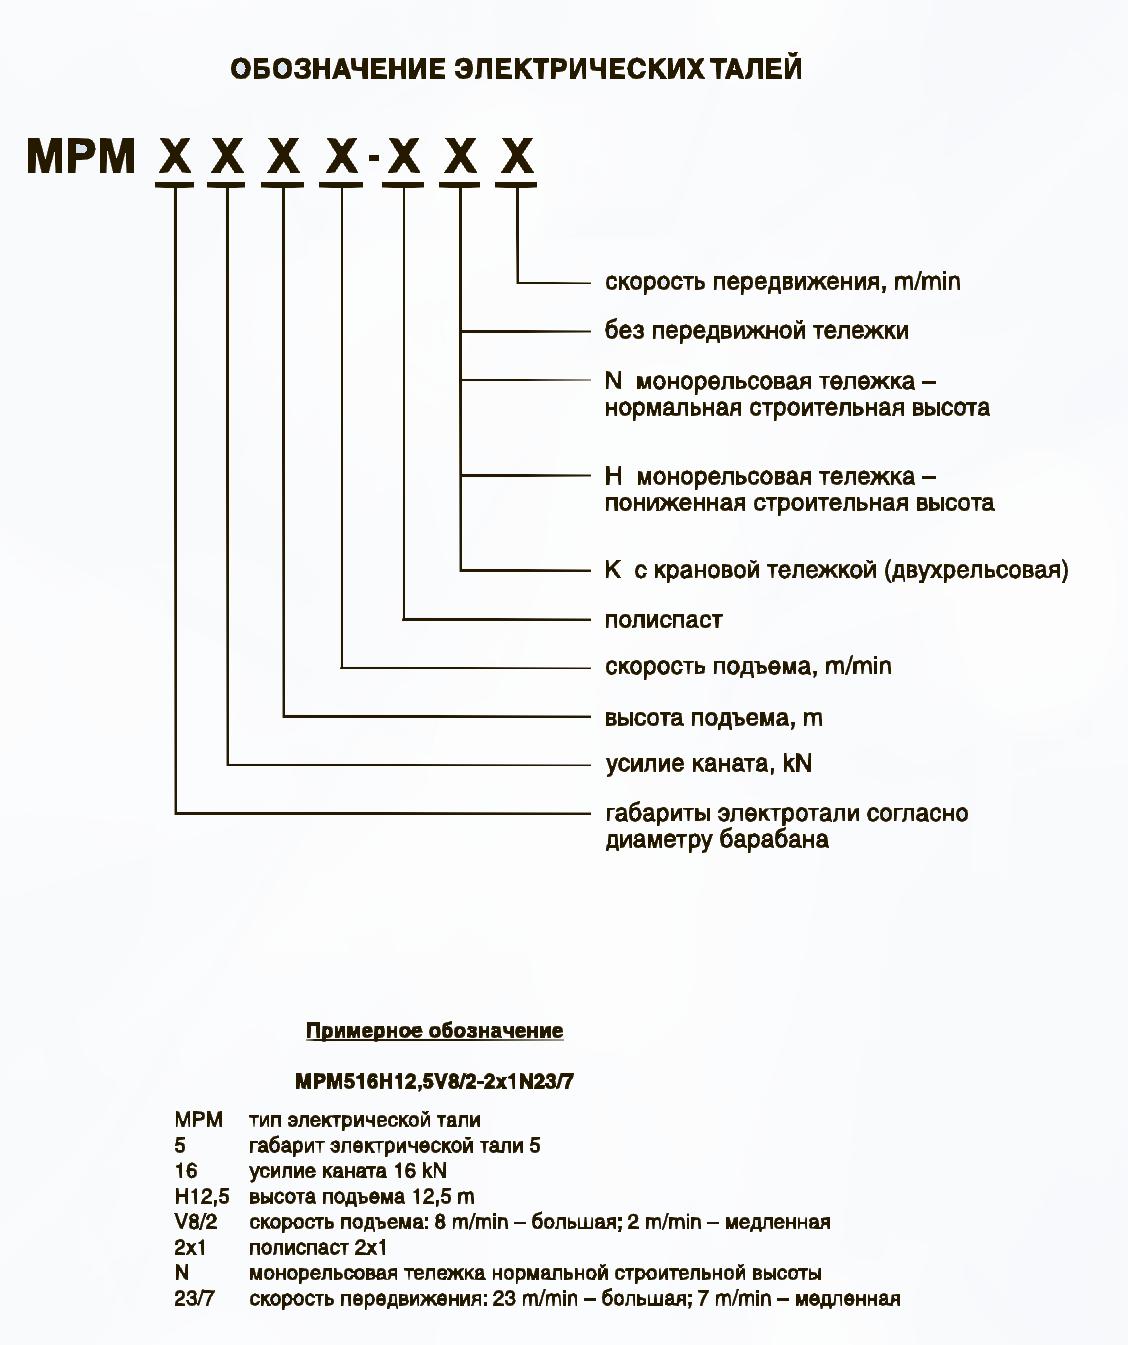 Маркировка МРМ